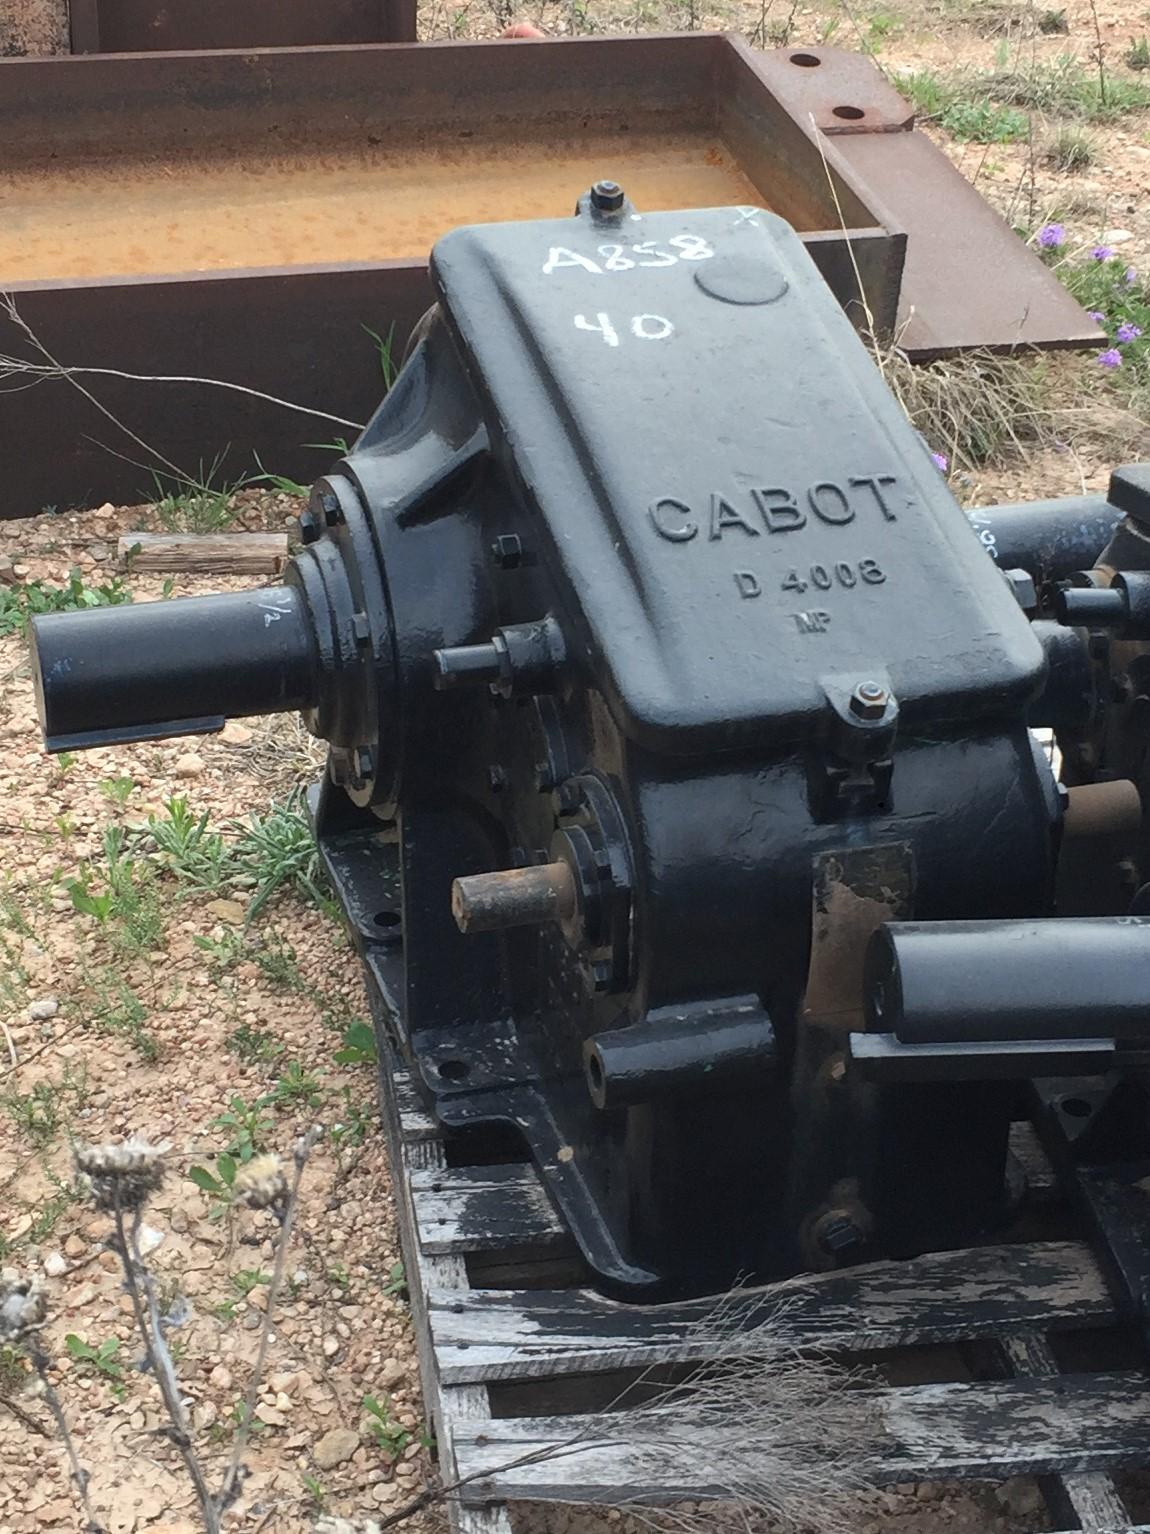 Cabot D 40